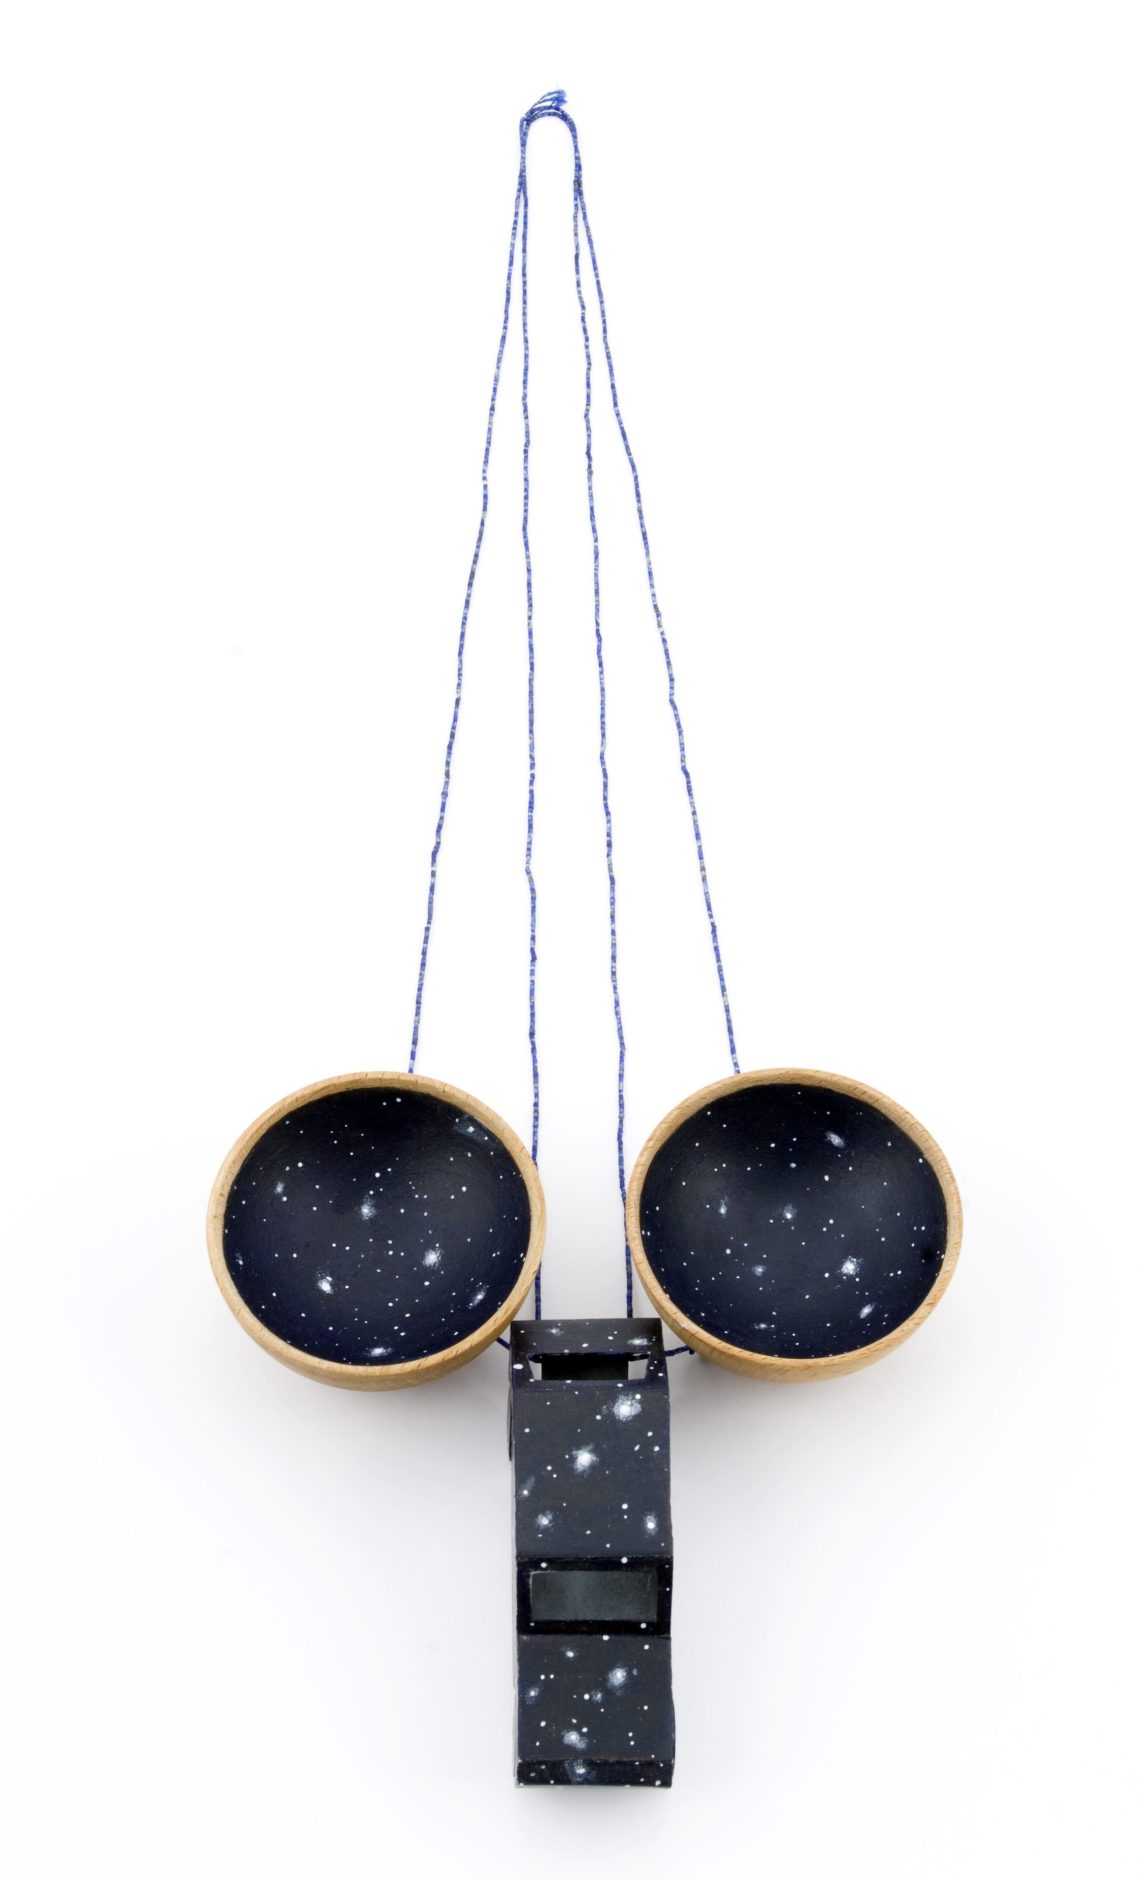 Lucy Sarneel, Starry Sky Drive, 2011. Foto met dank aan CODA©